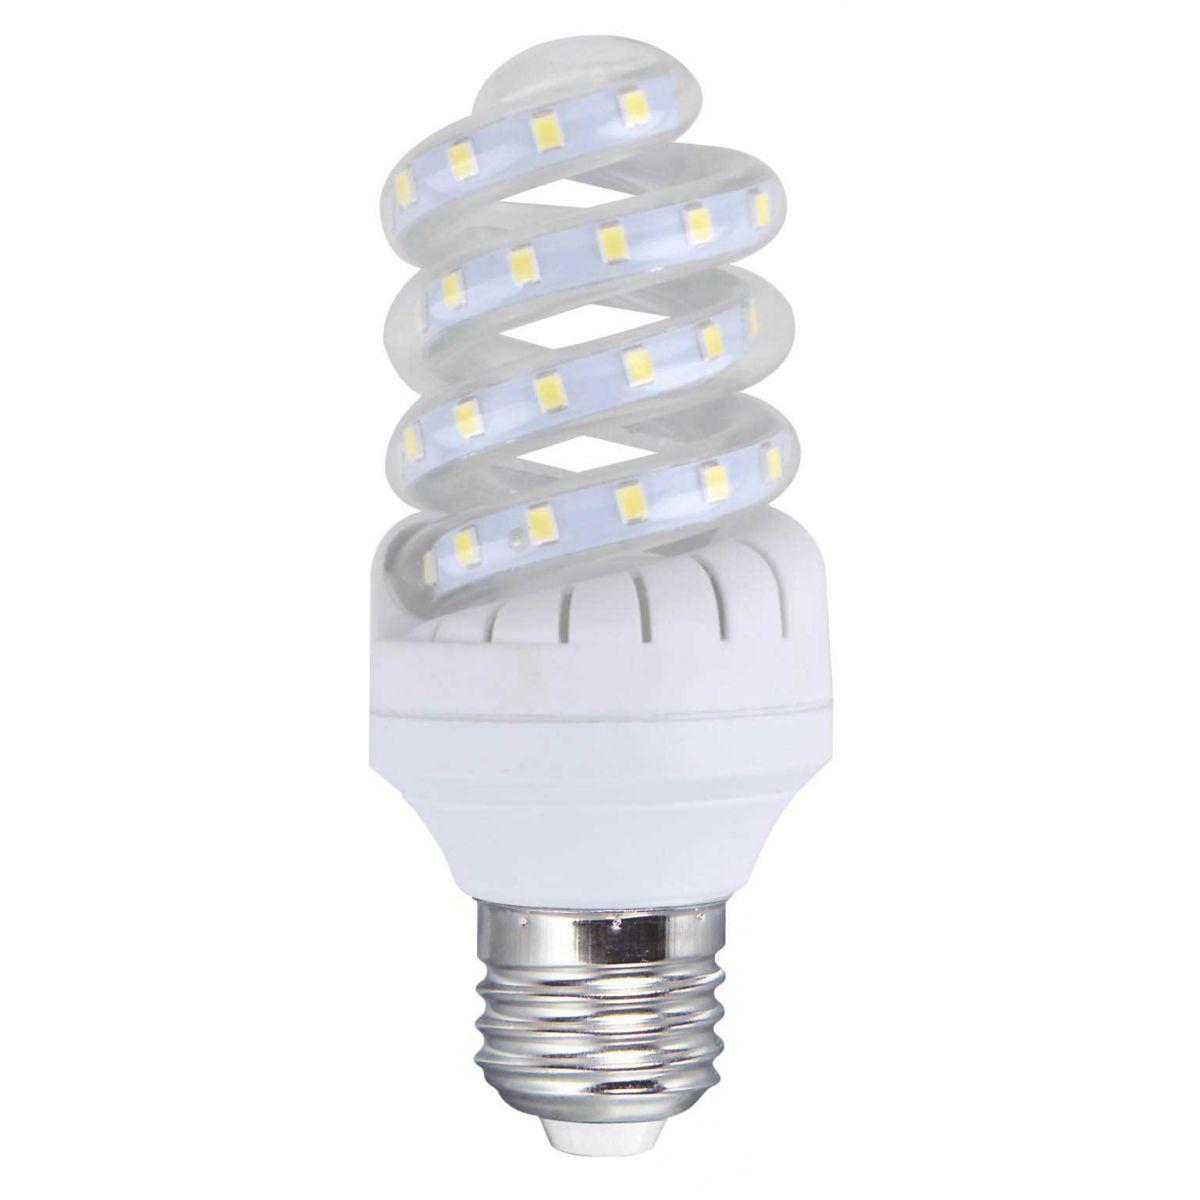 LÂMPADA COMPACTA ESPIRAL LED 7W 6000K EMBU LED